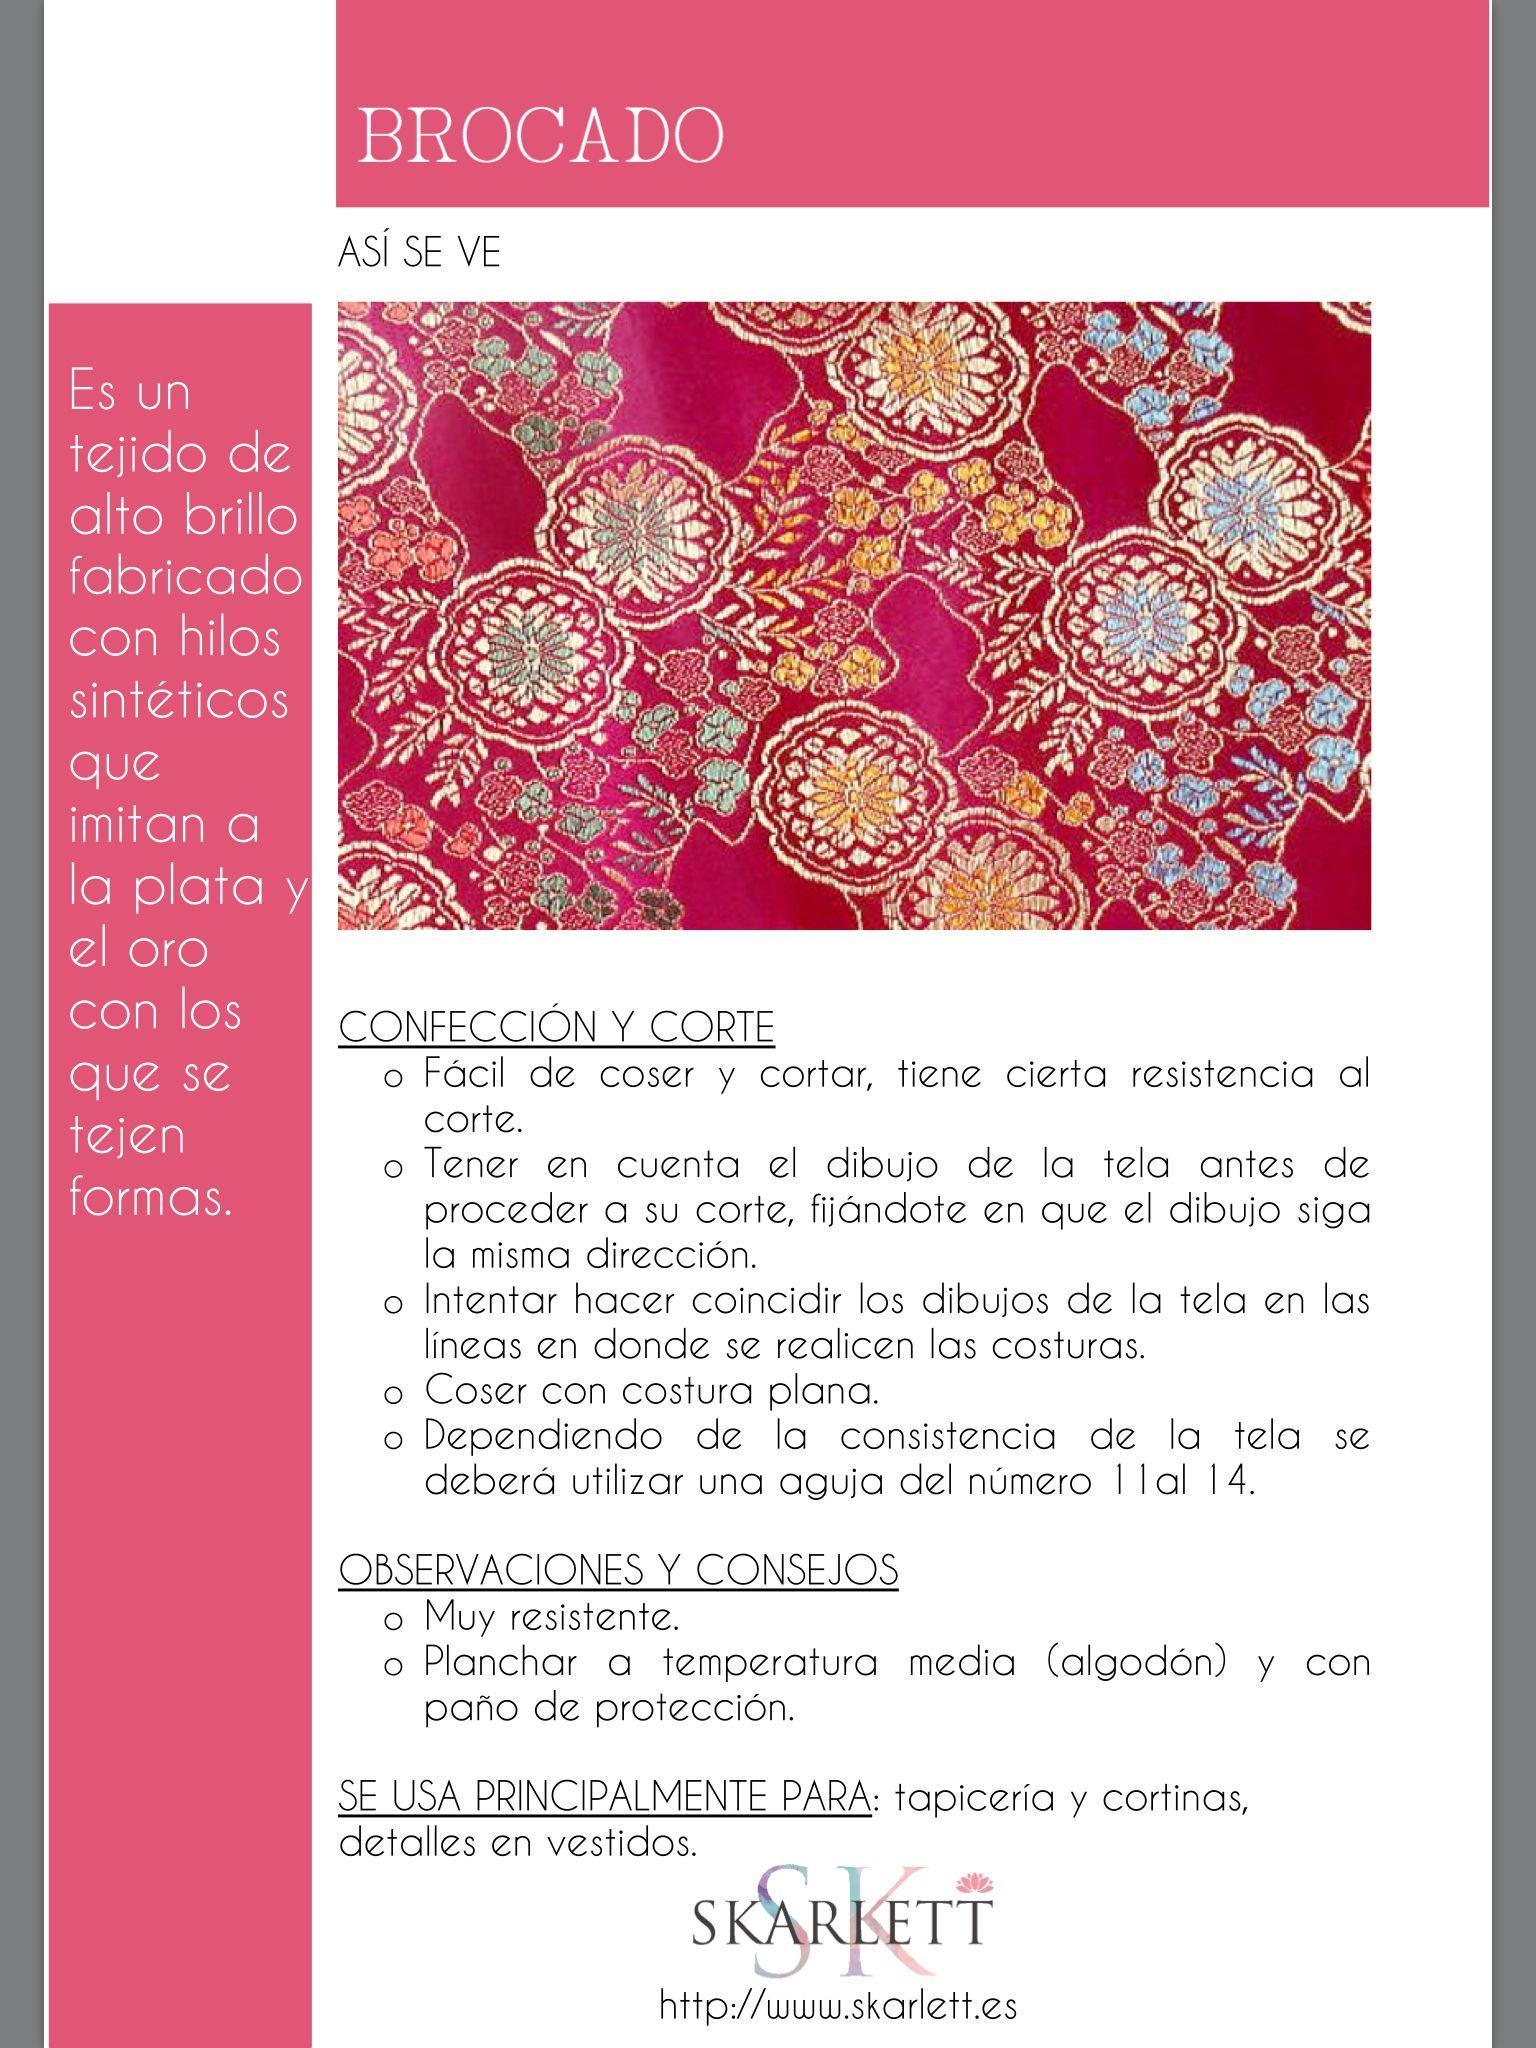 El dossier de las telas Skarlett | CURSOS | Pinterest | Tela ...